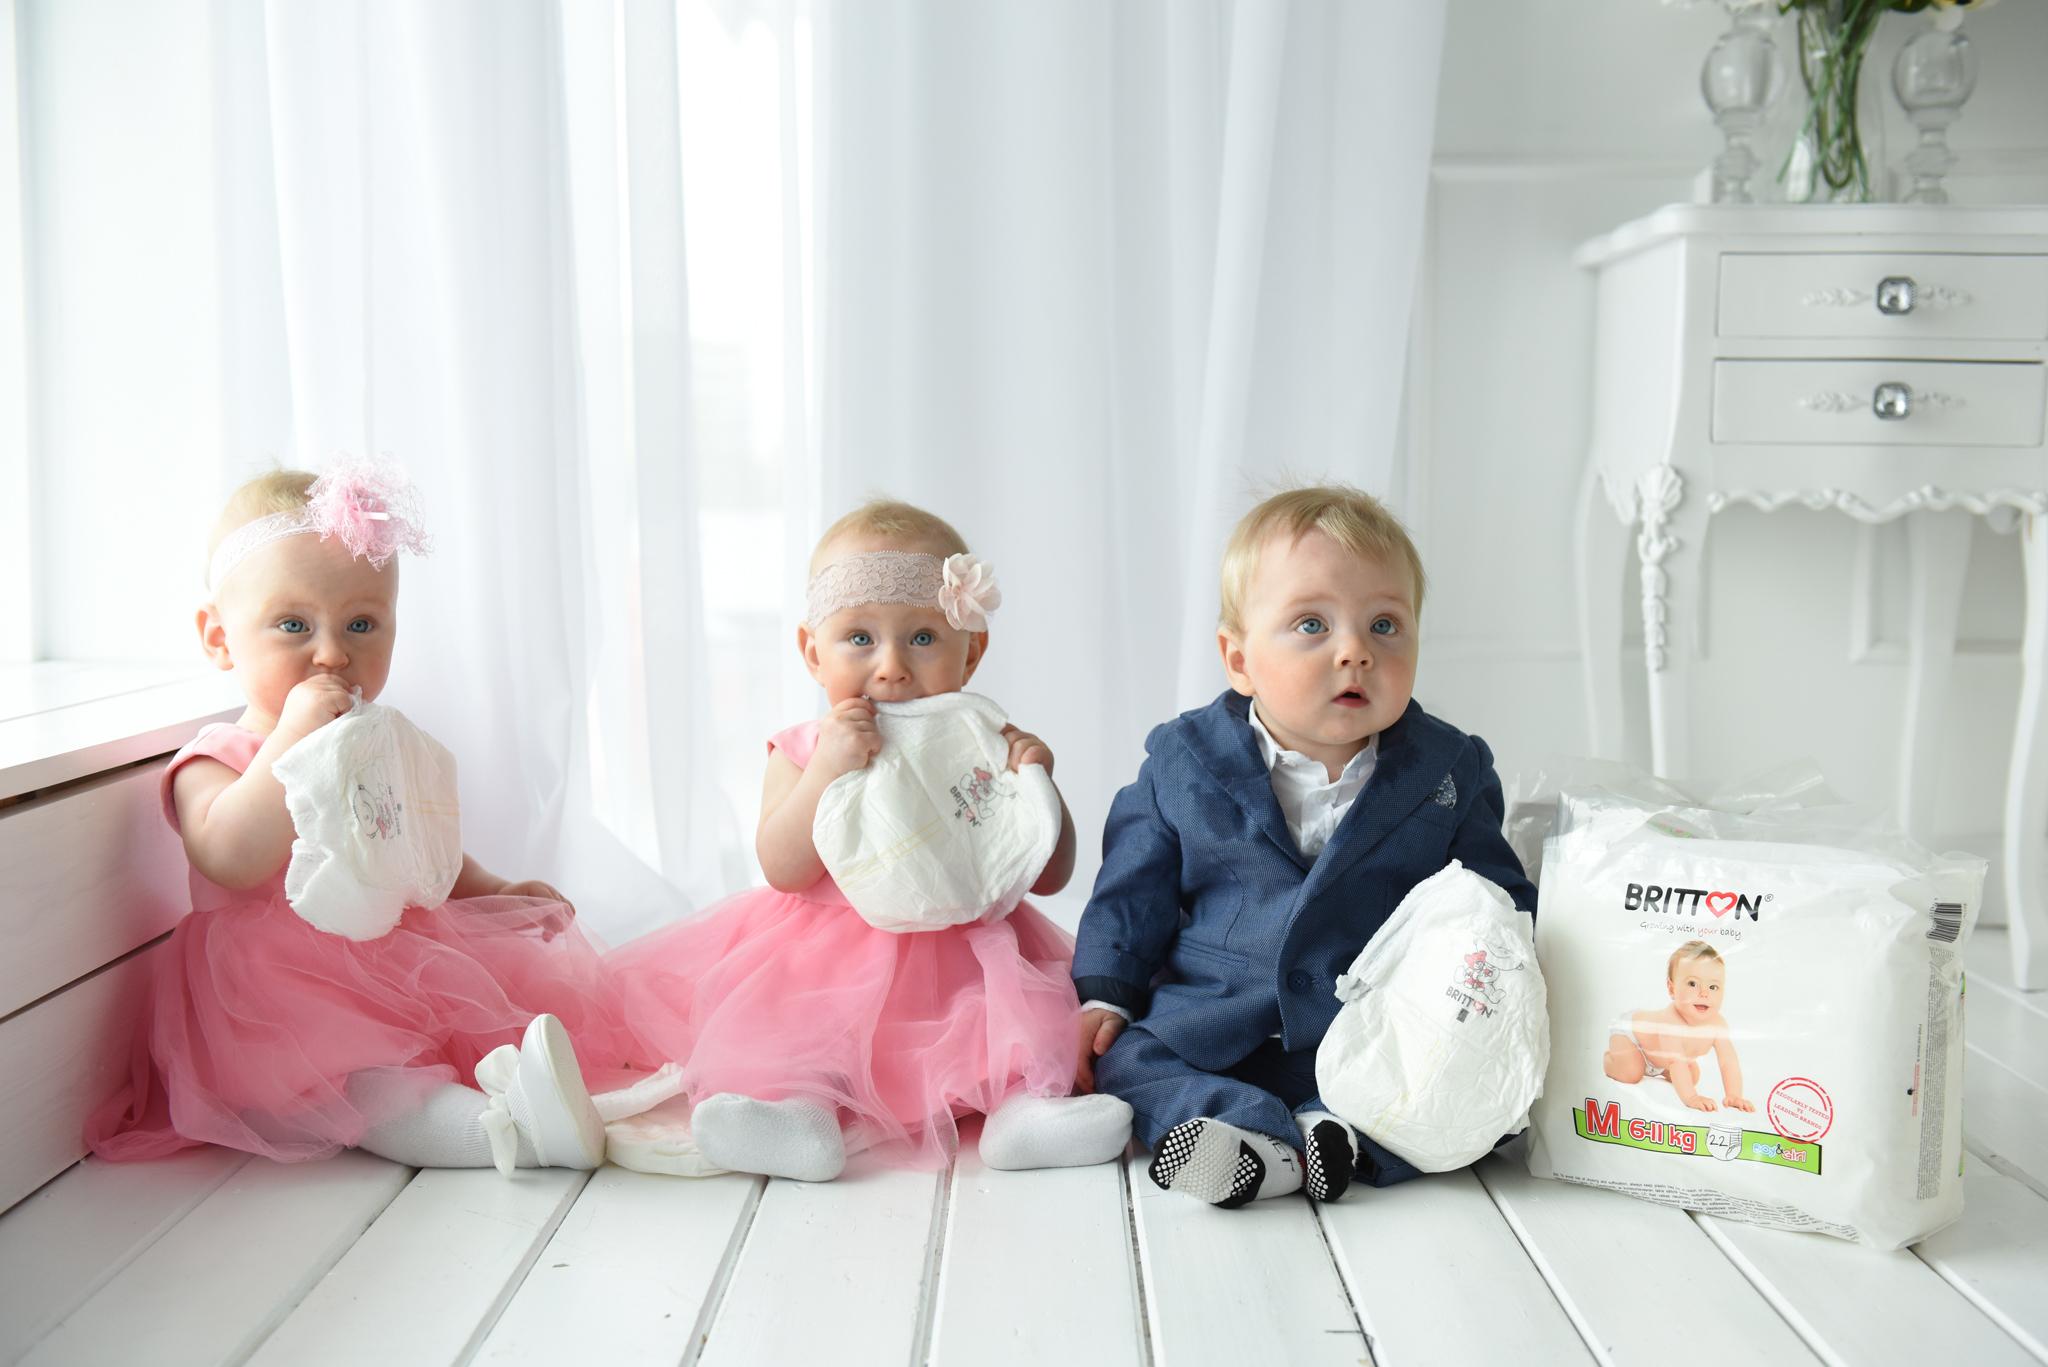 Aitame Eesti lasterikkad pered Euroopa tippu